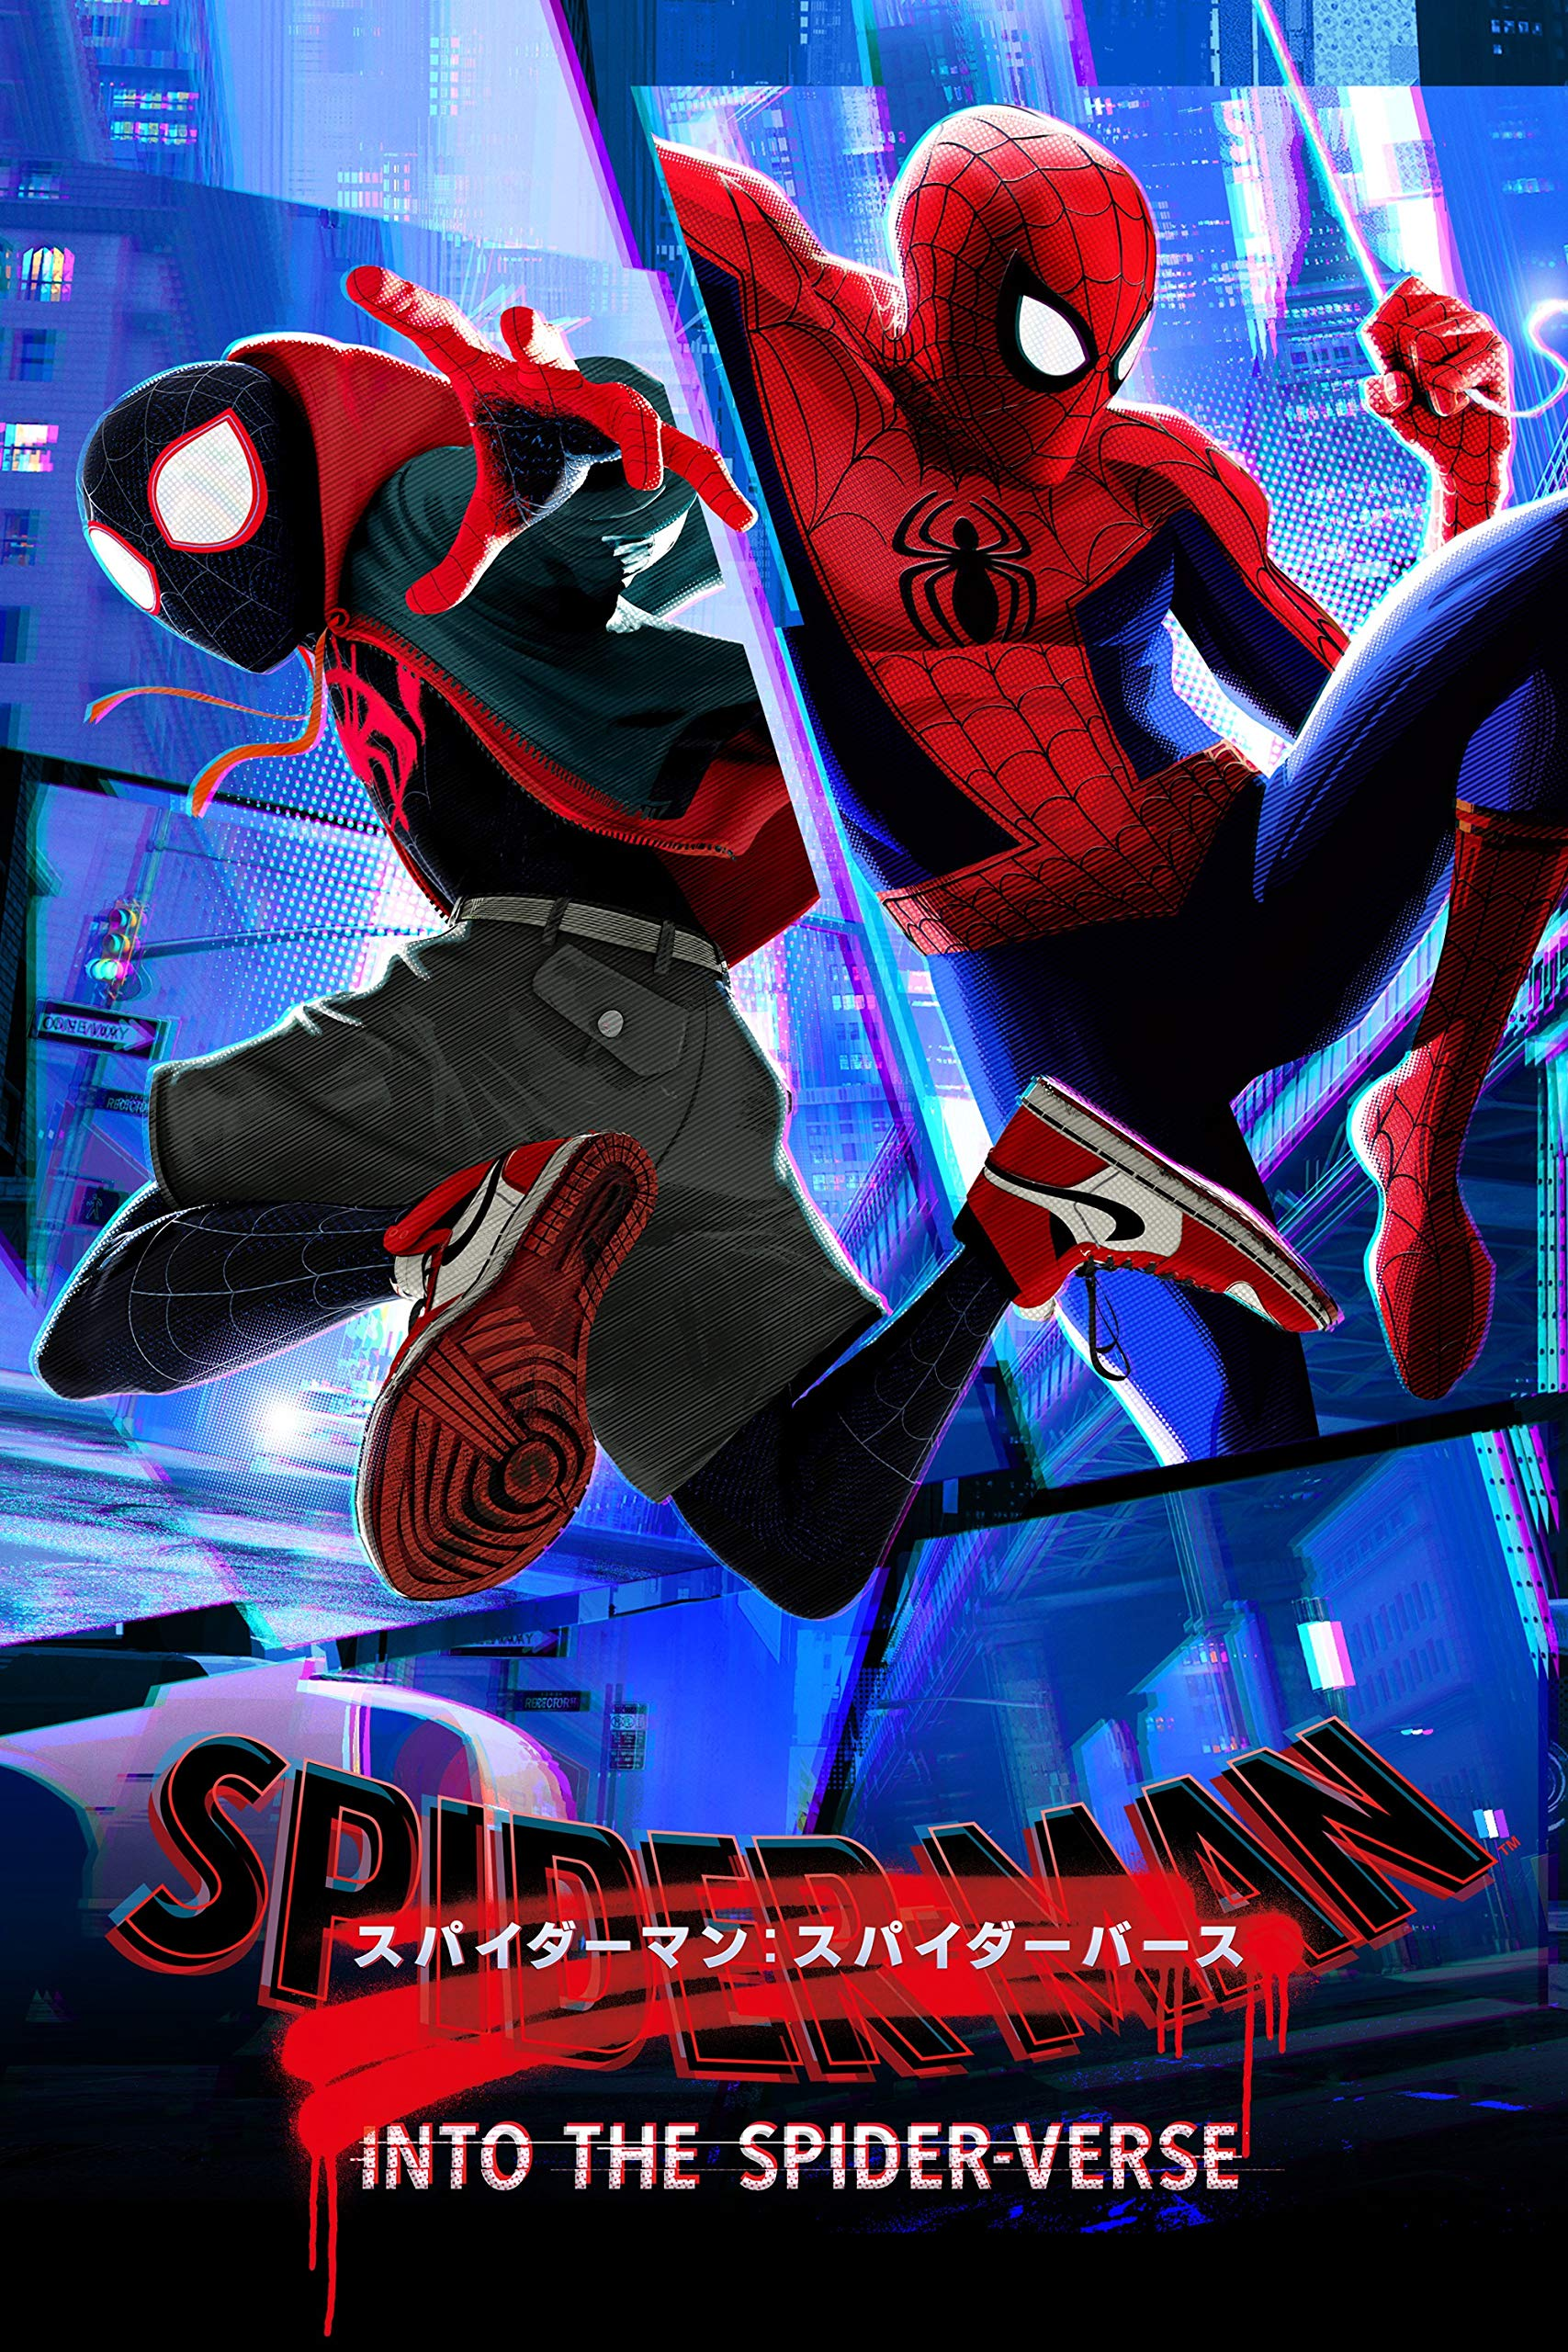 スパイダーマン:スパイダーバース (吹替版)